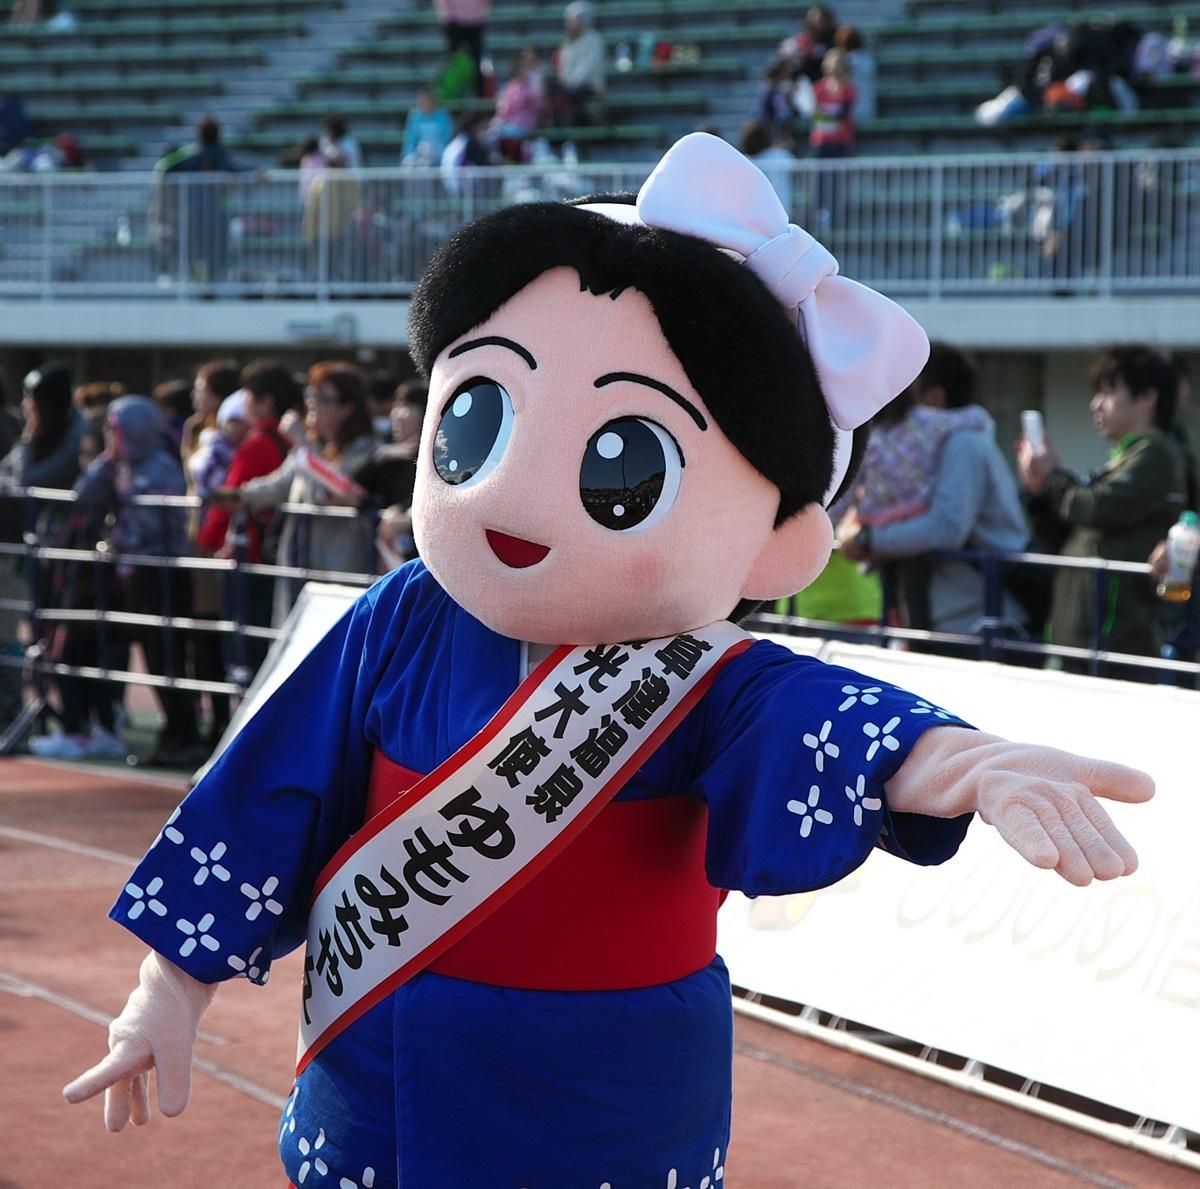 第26回ぐんまマラソン「ご当地キャラハイタッチ隊」_a0243720_23505455.jpg